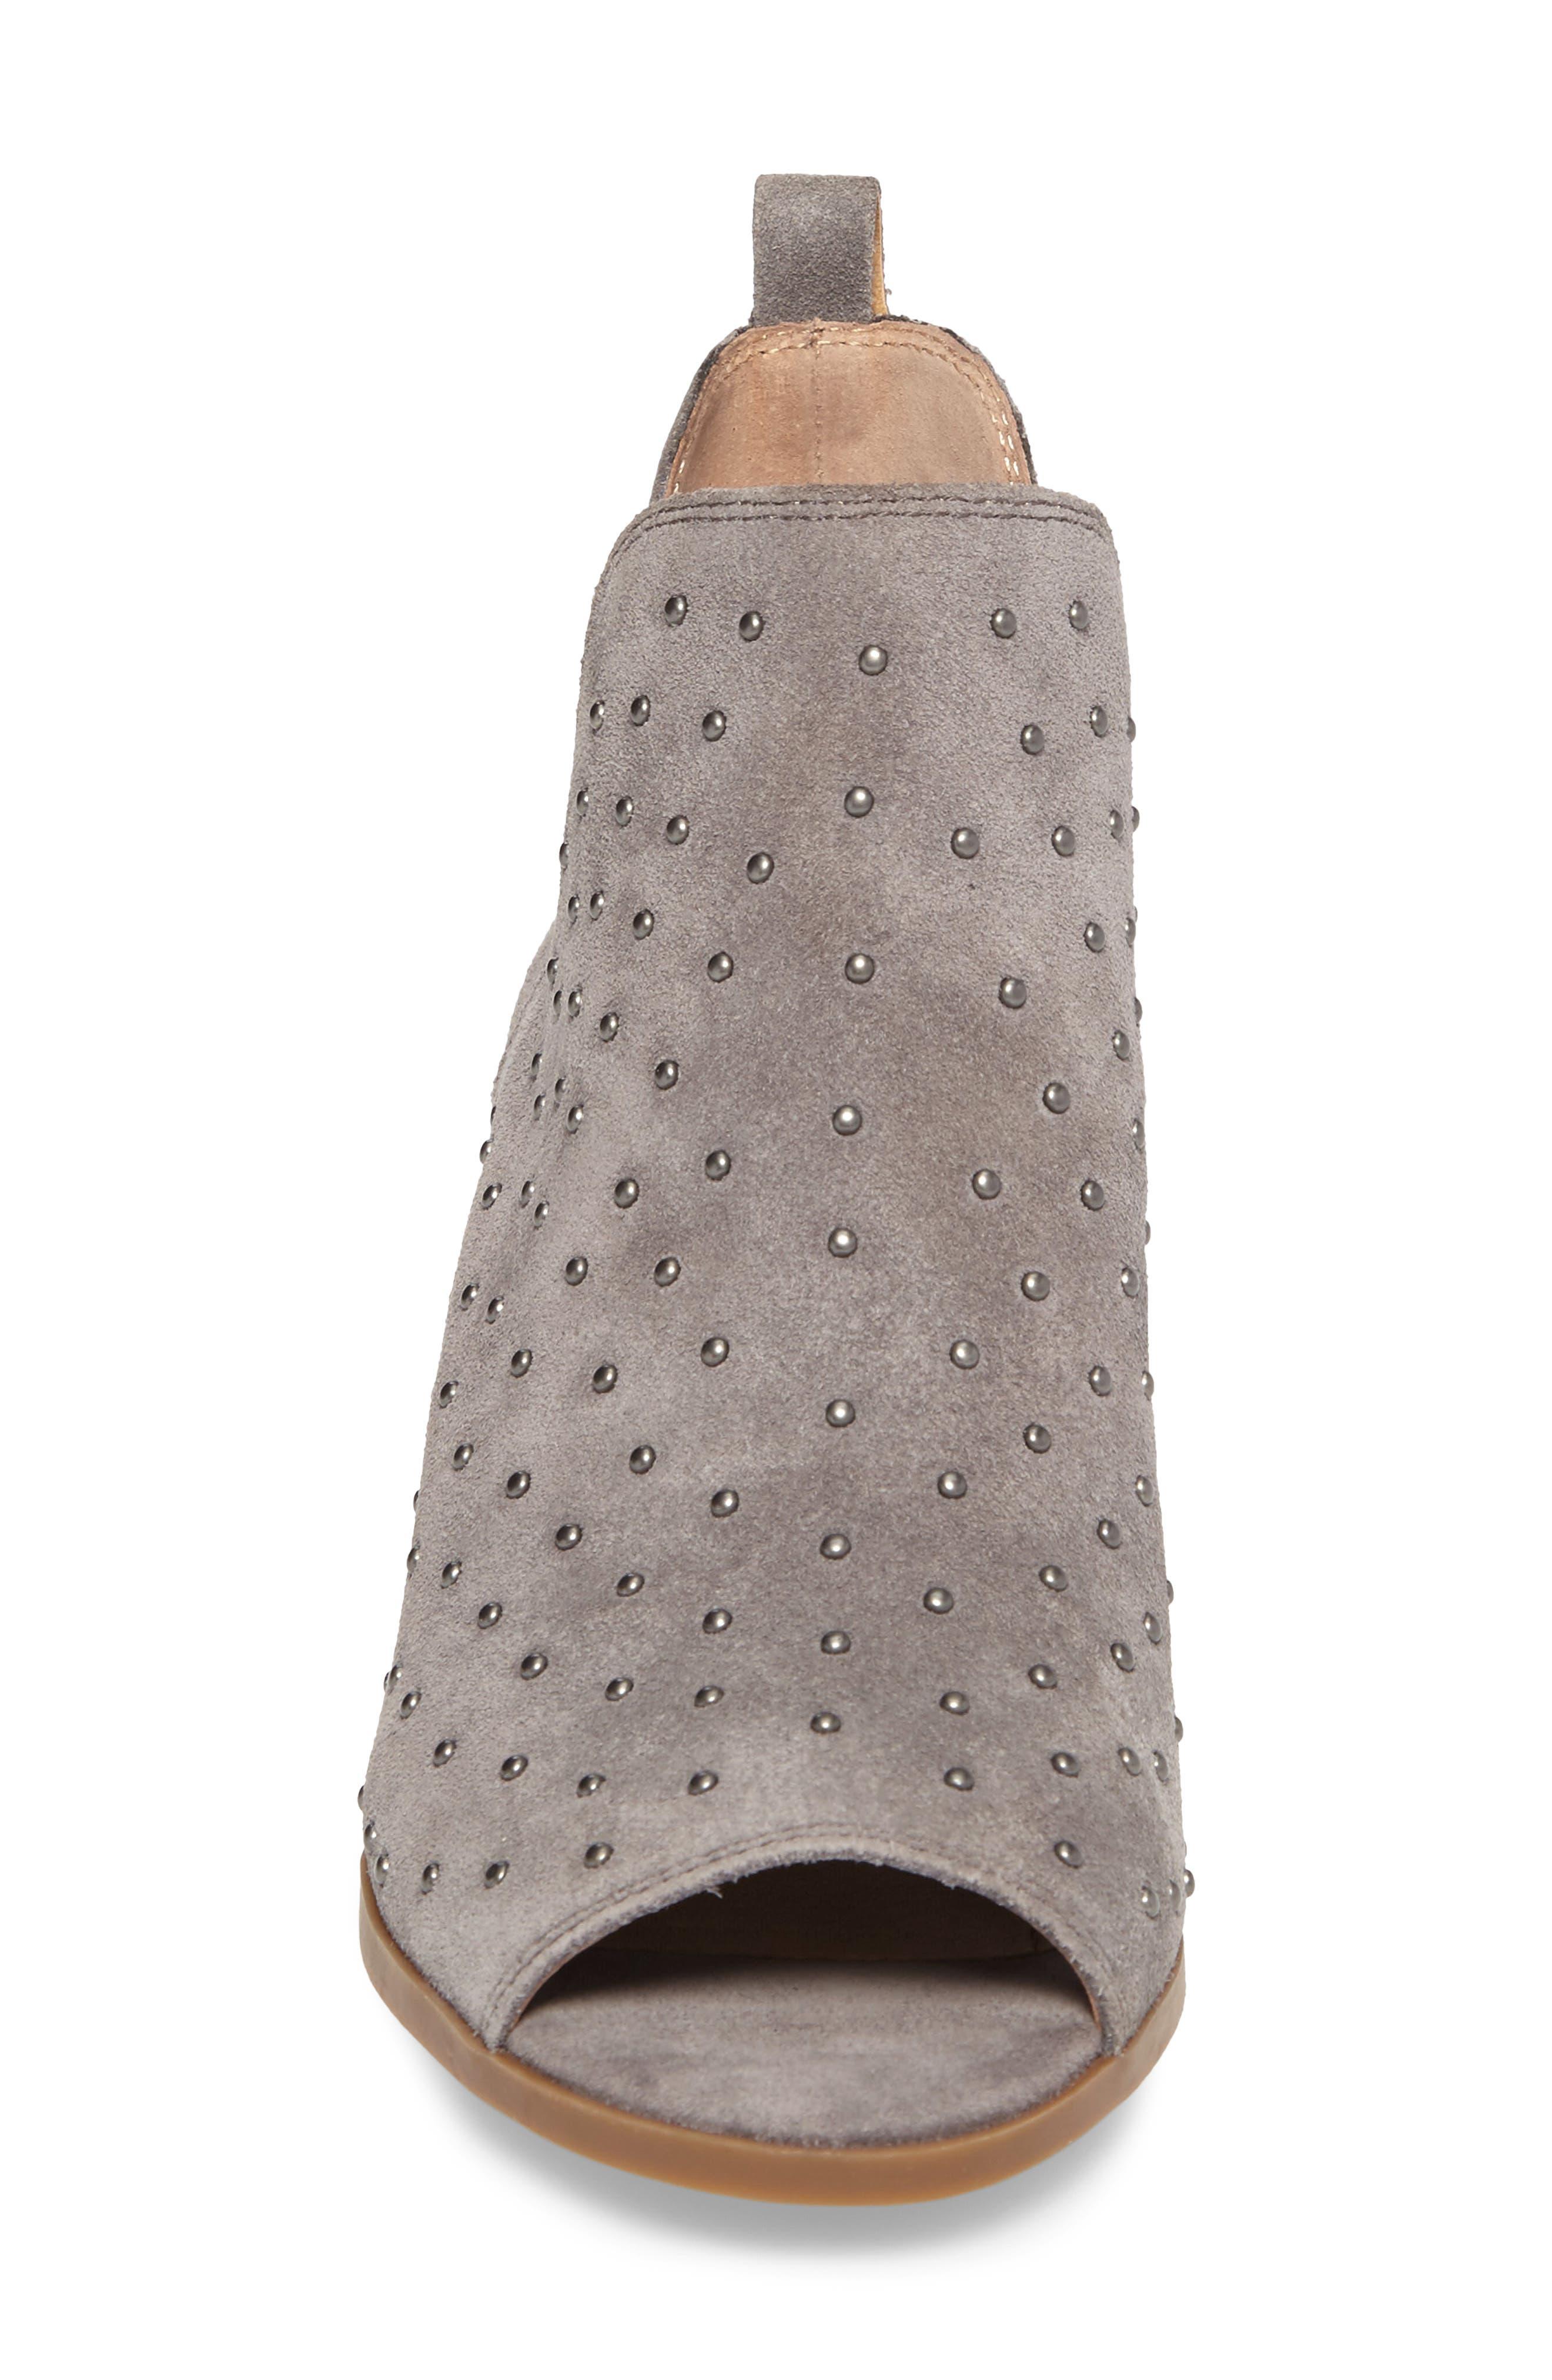 Barleena Peep Toe Bootie,                             Alternate thumbnail 4, color,                             Steel Grey Suede